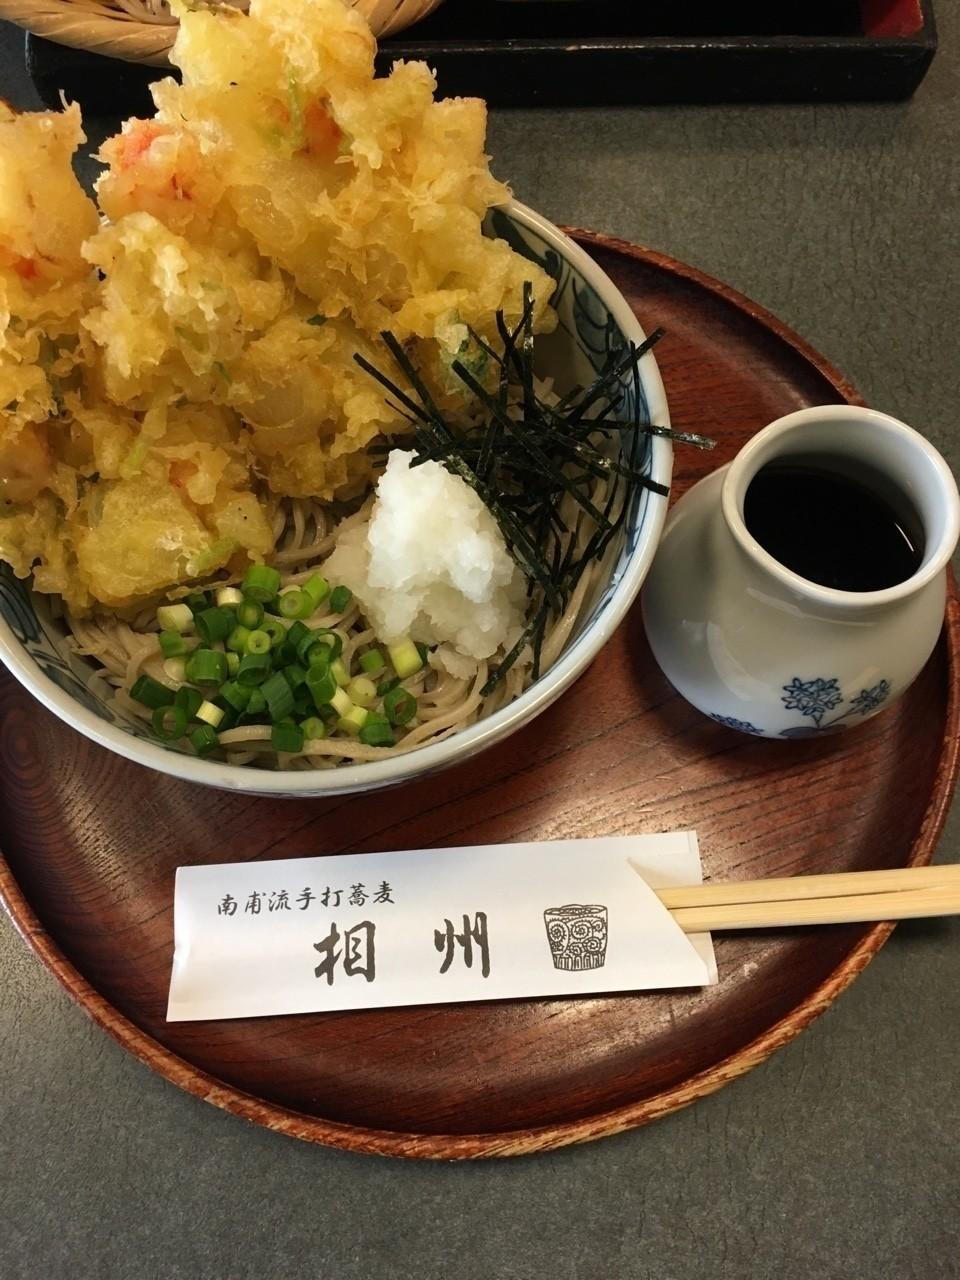 天ぷらの美味しい蕎麦屋に入った時の嬉しさったら。  冷たい蕎麦を食べたいと思う時、春の訪れを感じる。  さて、絵でも描くかなー。